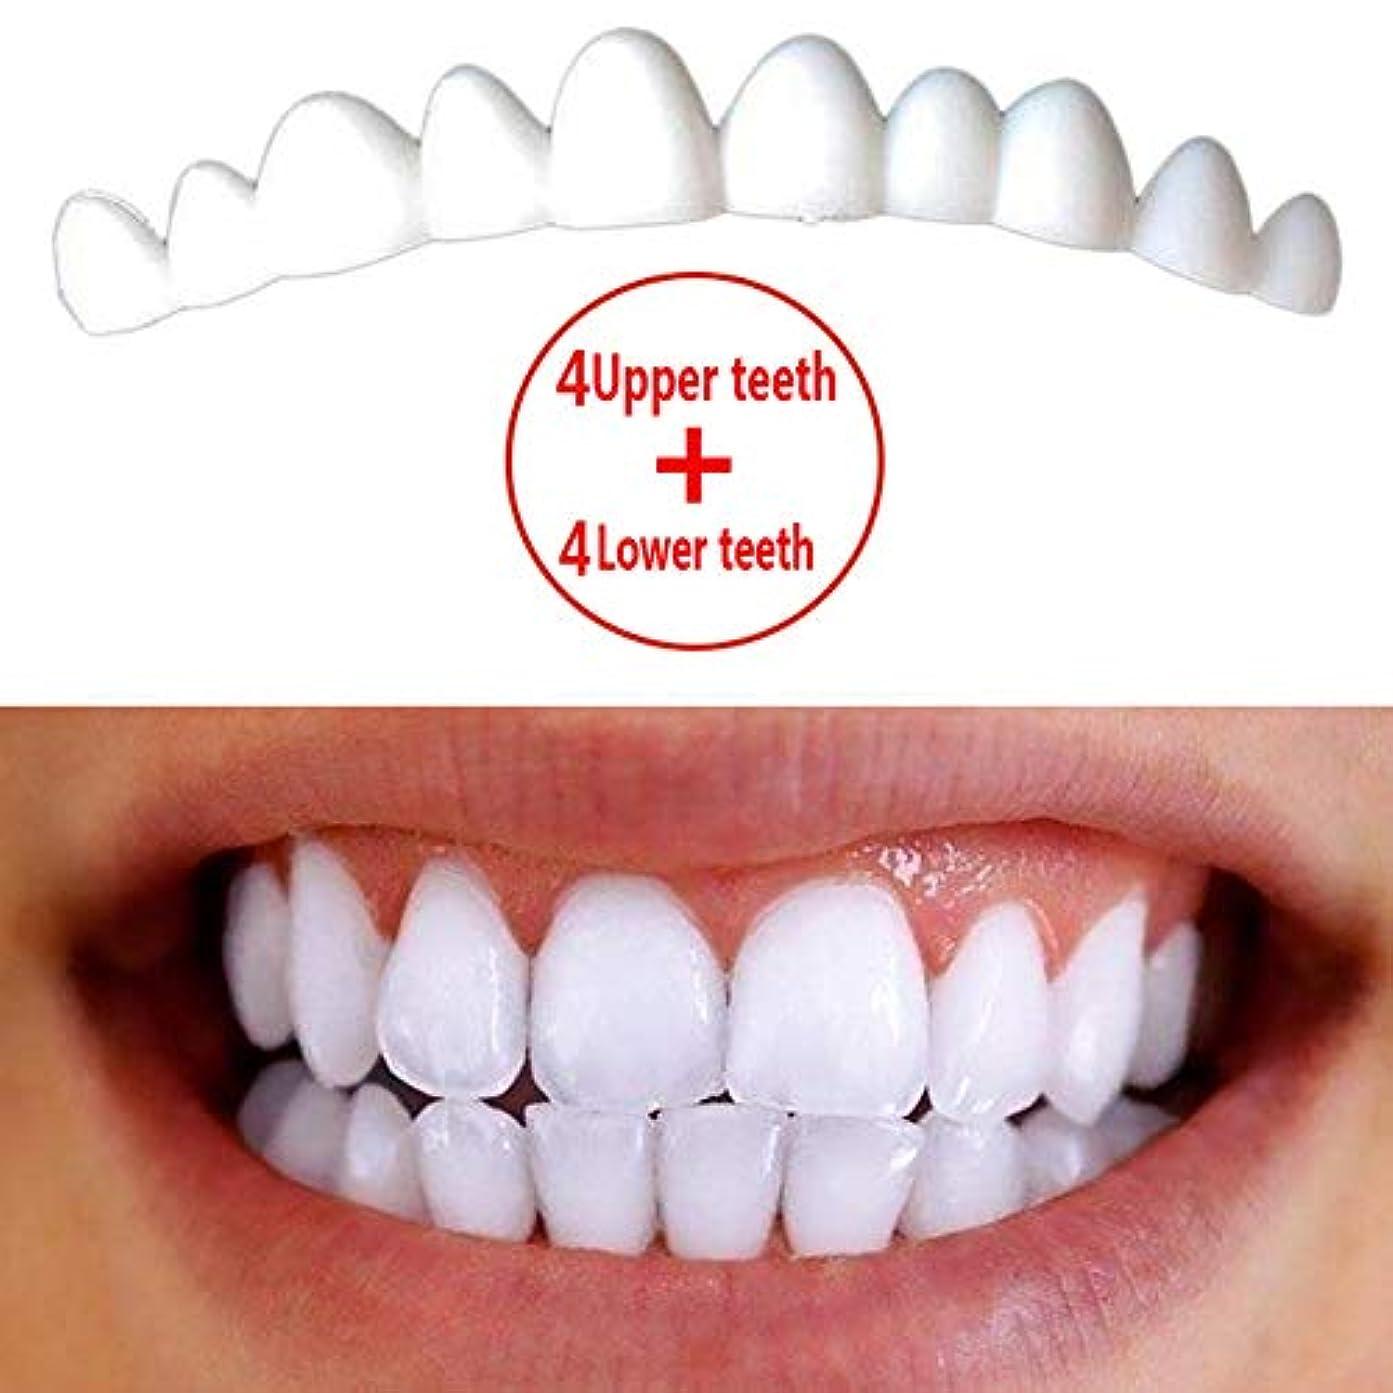 独創的レパートリーダム上歯4本+下歯4本、パーフェクトスマイルコンフォートフィット新しいスナップオンフレックスフィットが最も快適な入れ歯